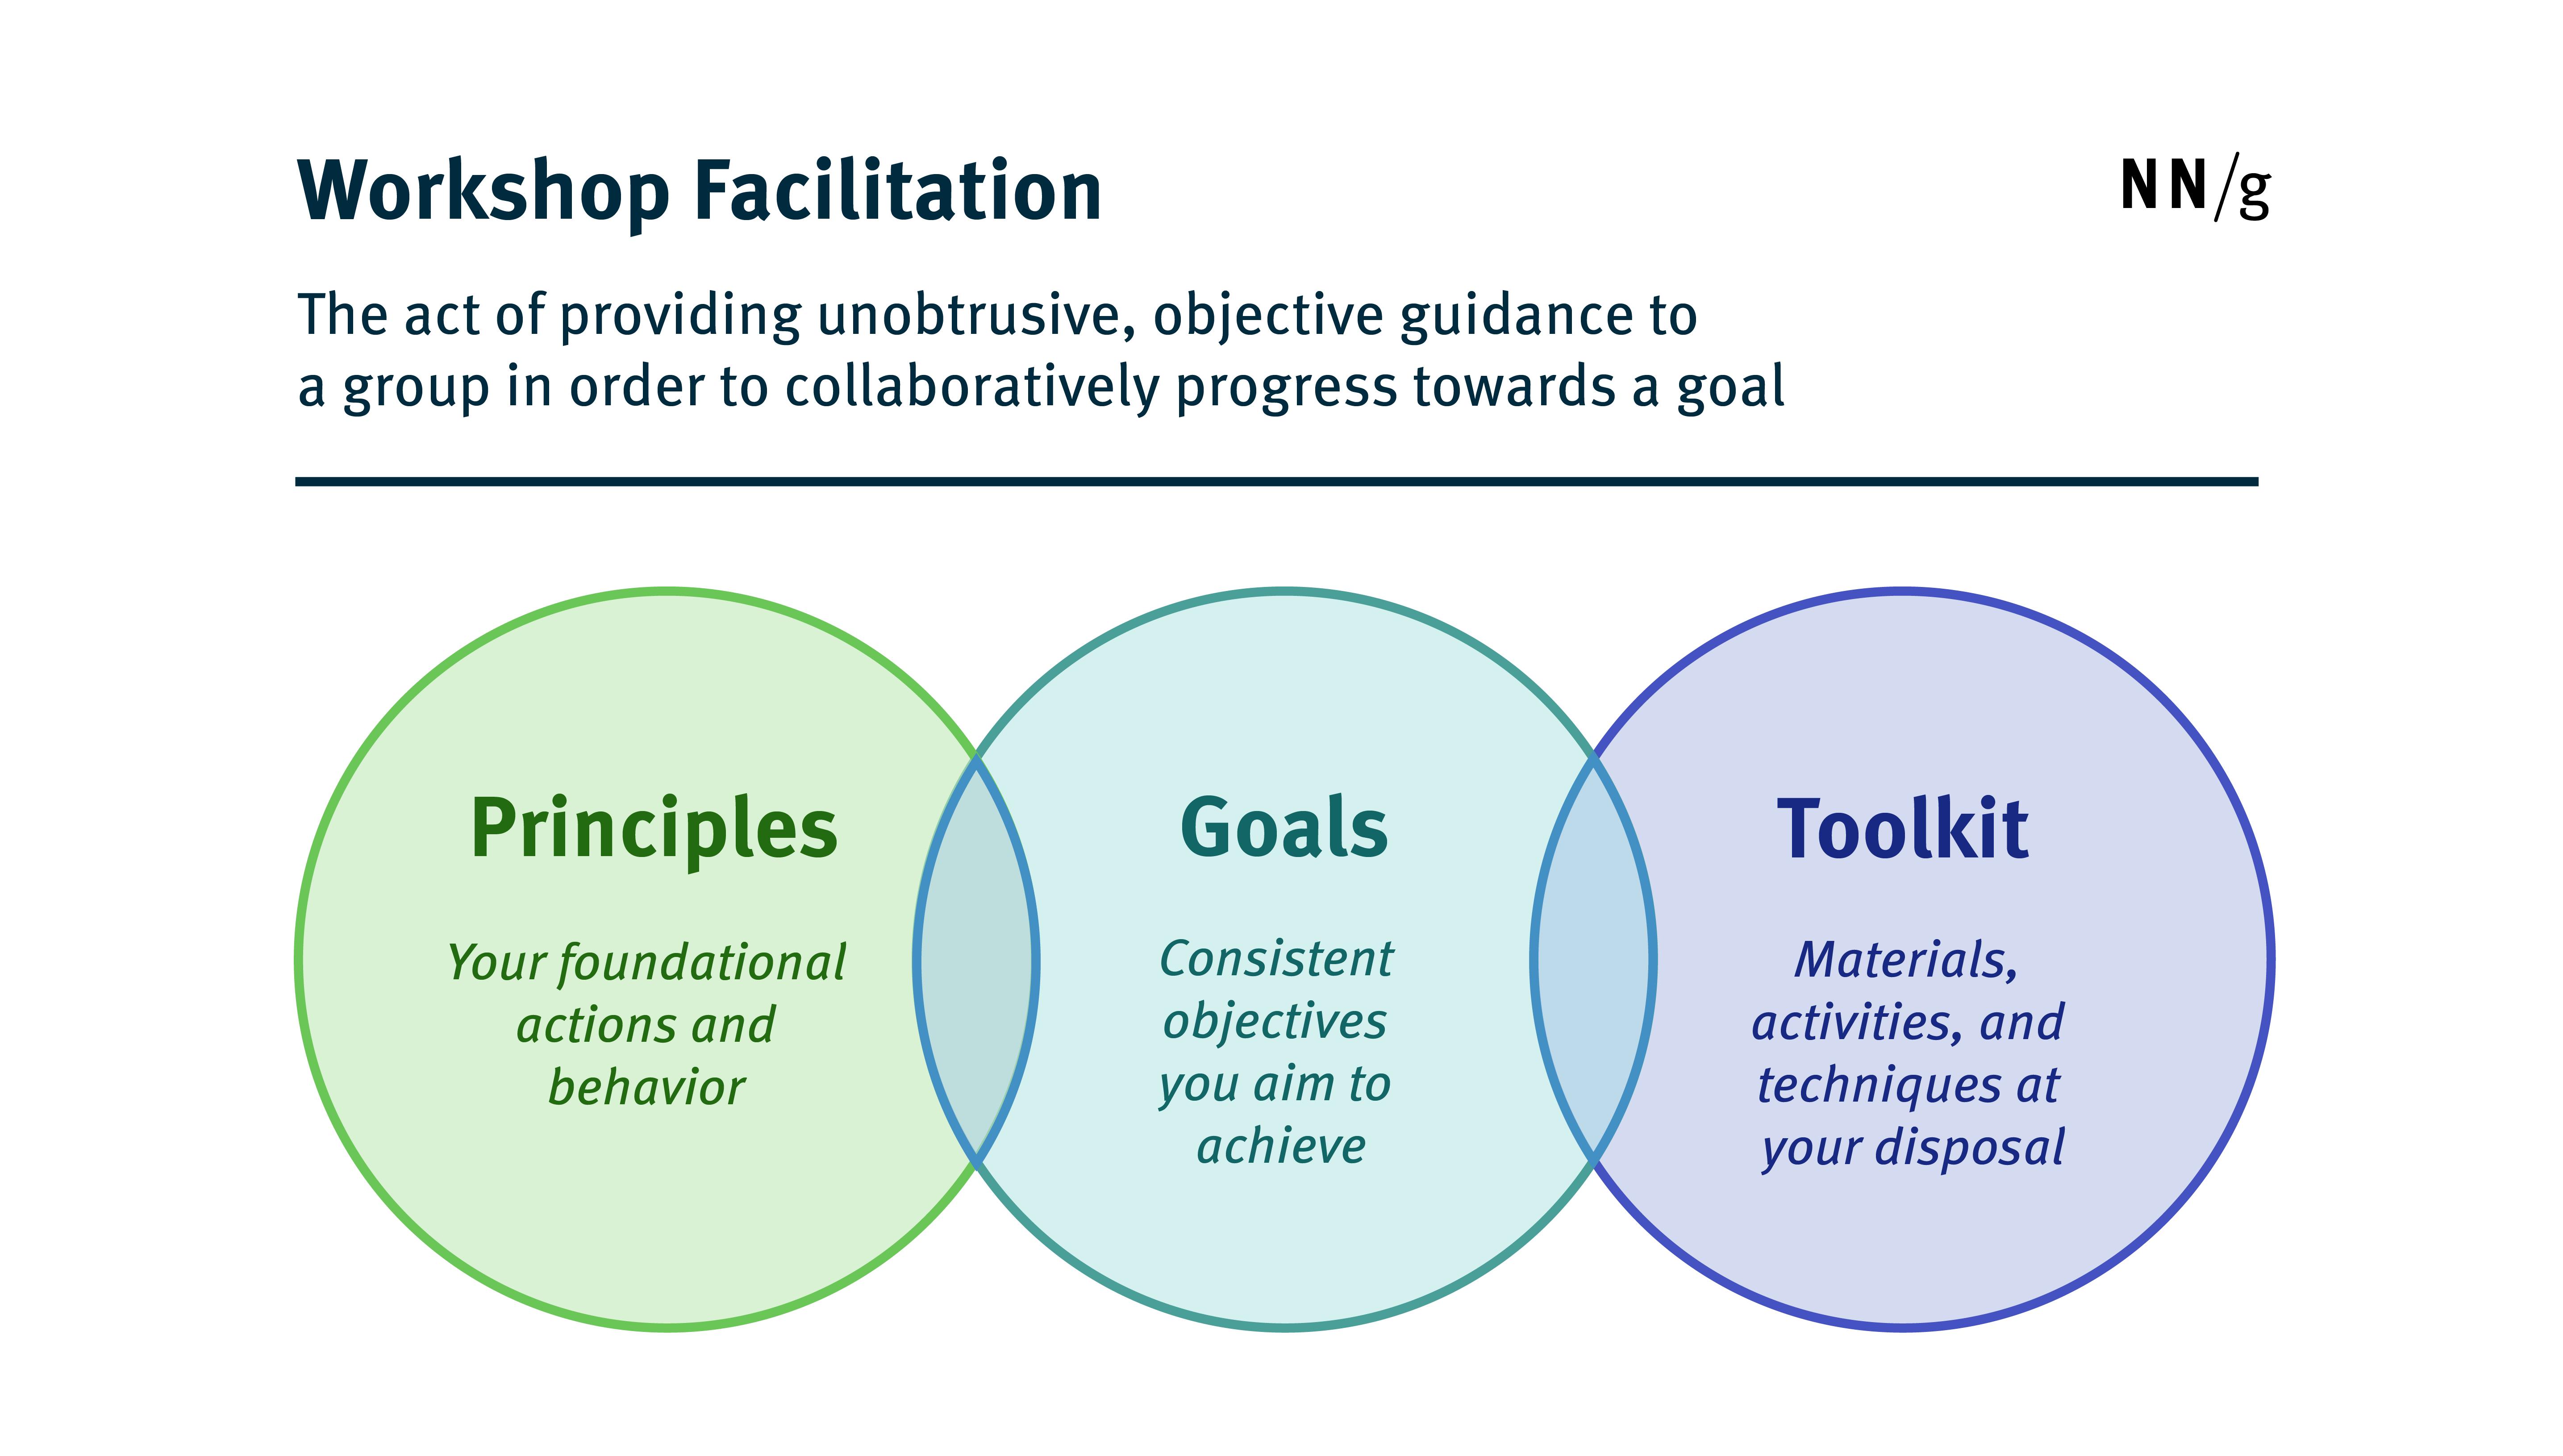 研讨会促进原则,目标和工具包